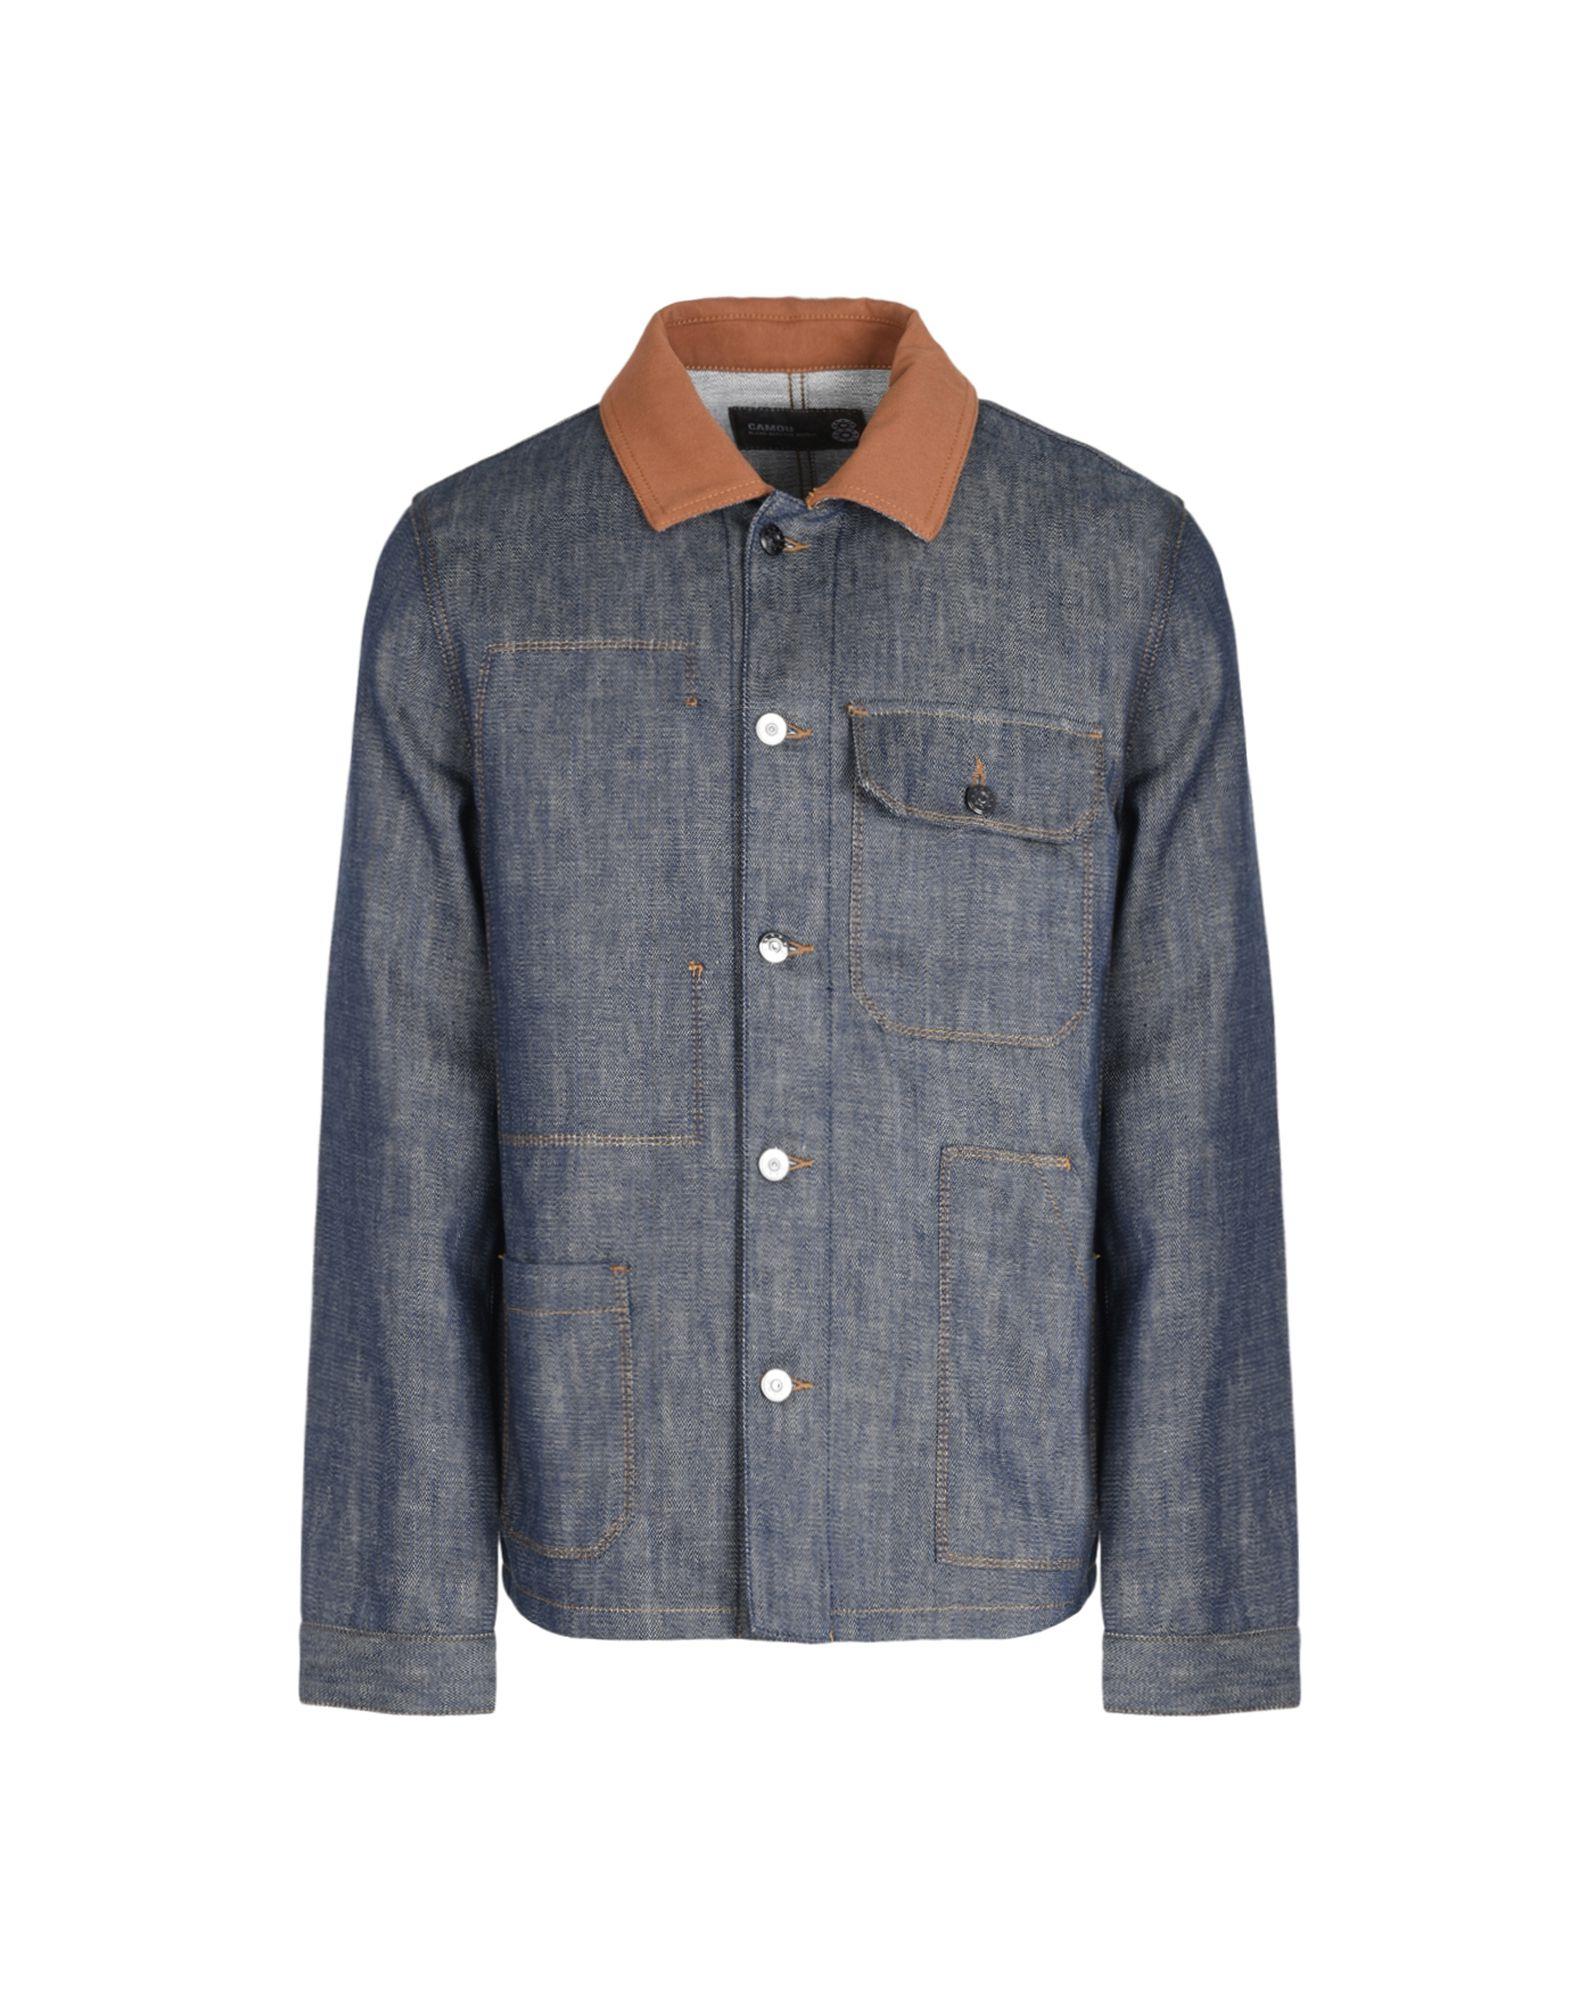 8 Джинсовая верхняя одежда colmar джинсовая верхняя одежда